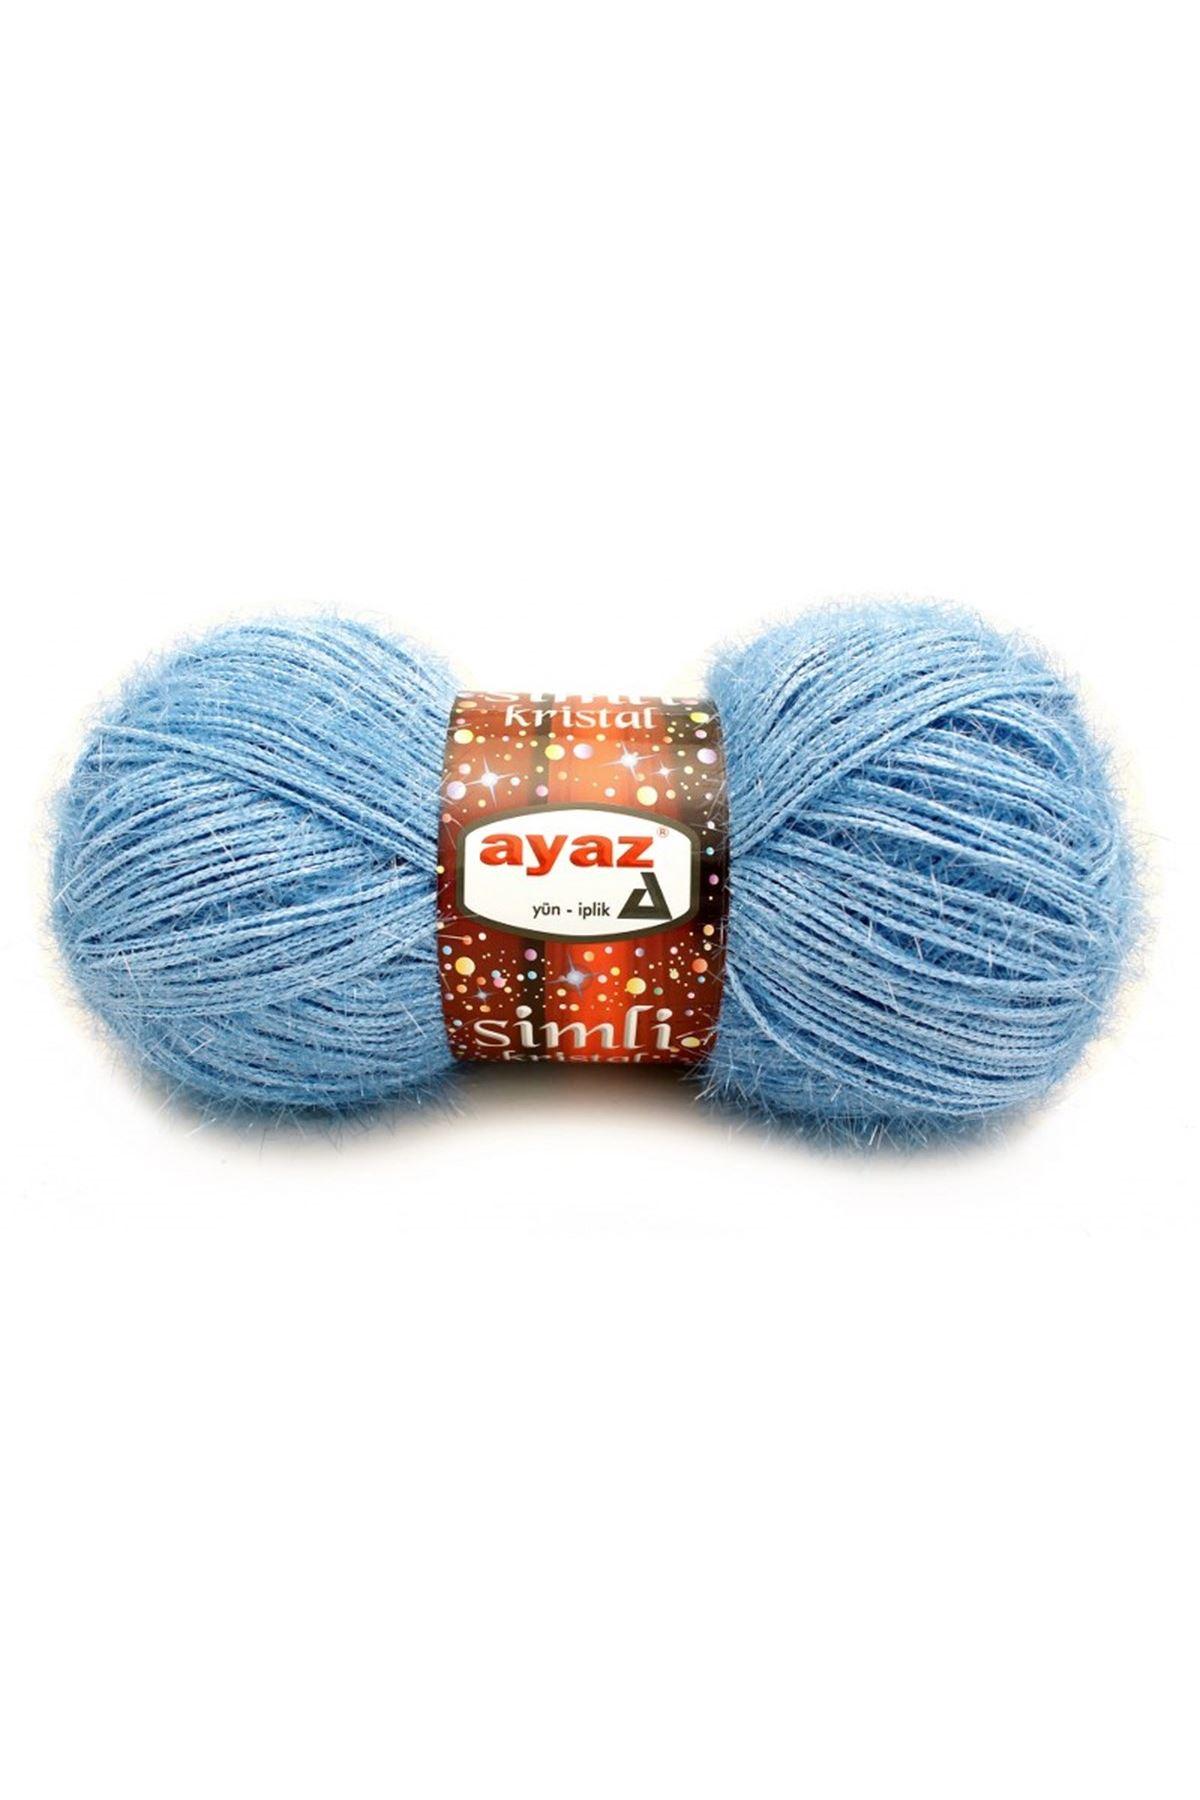 Ayaz Simli Kristal 1214 - Bebe Mavi